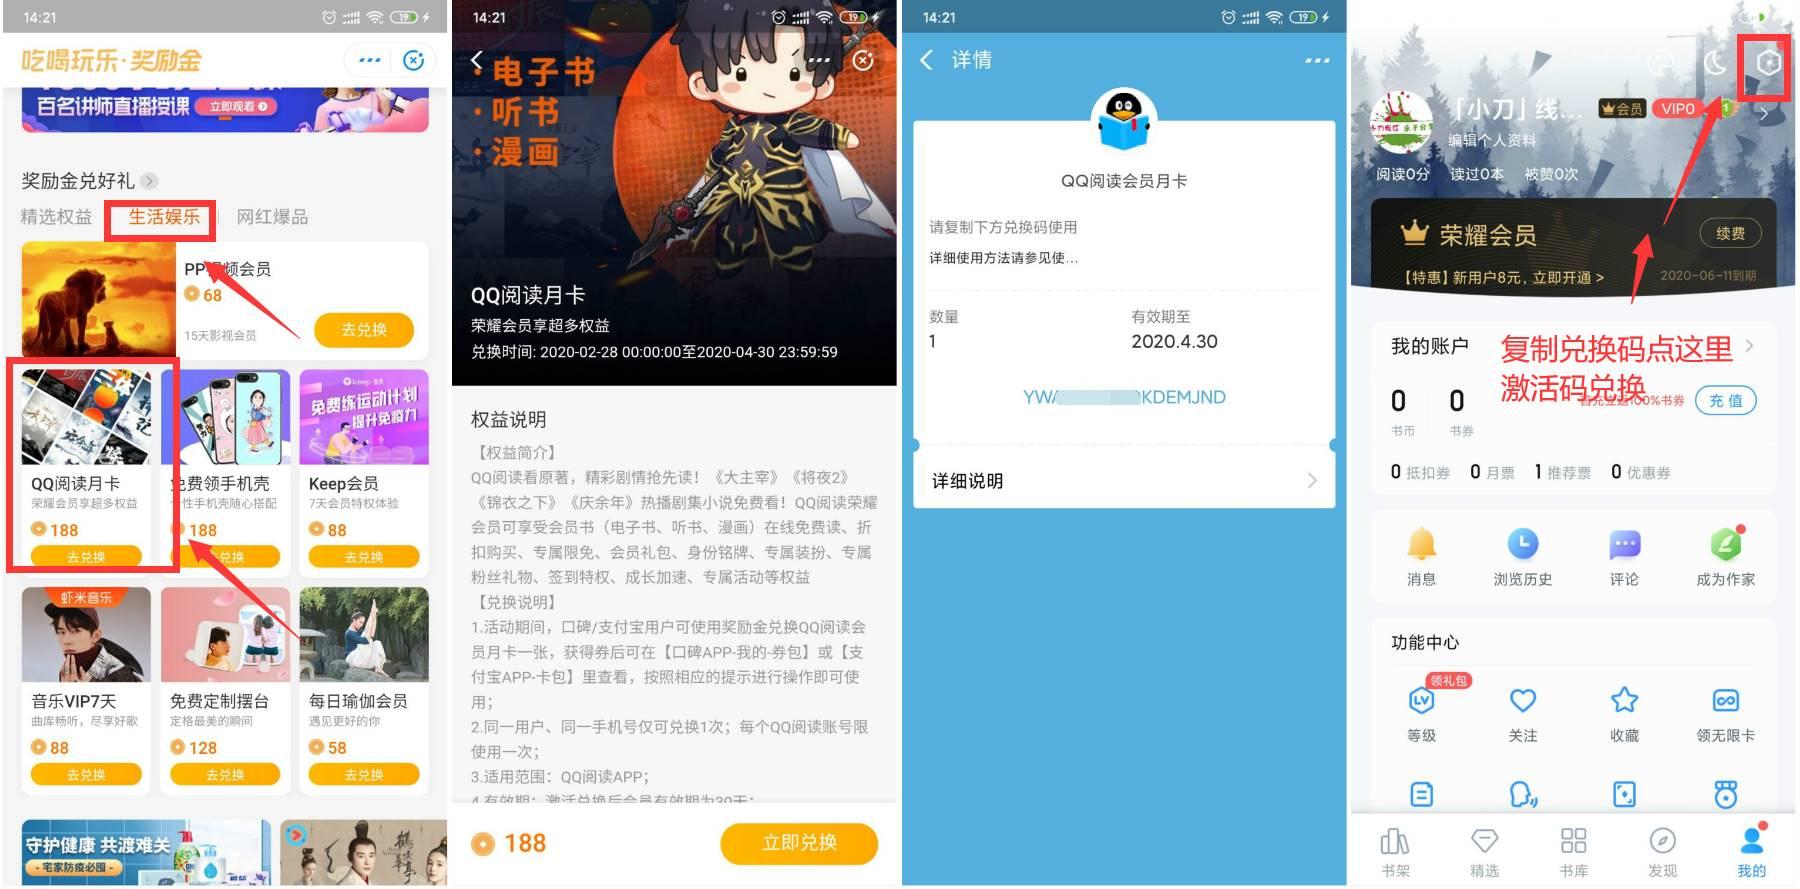 免费领1个月QQ阅读会员